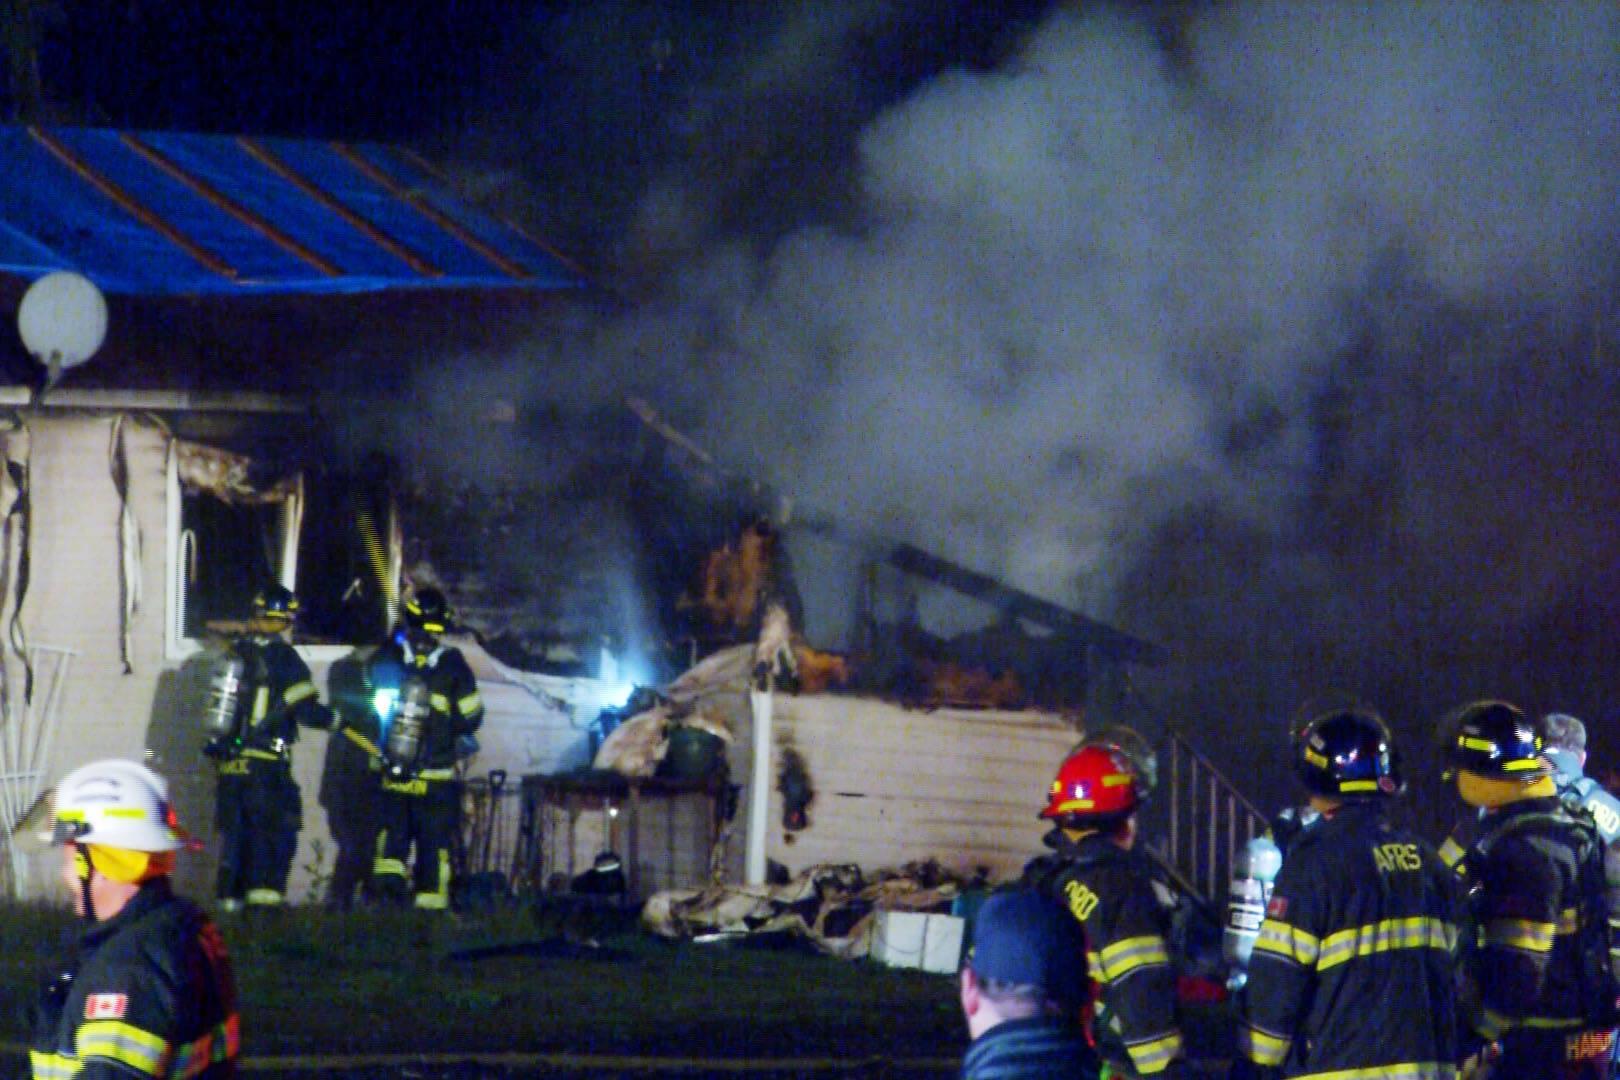 VIDEO: Abbotsford fire crews quash house fire – Abbotsford News